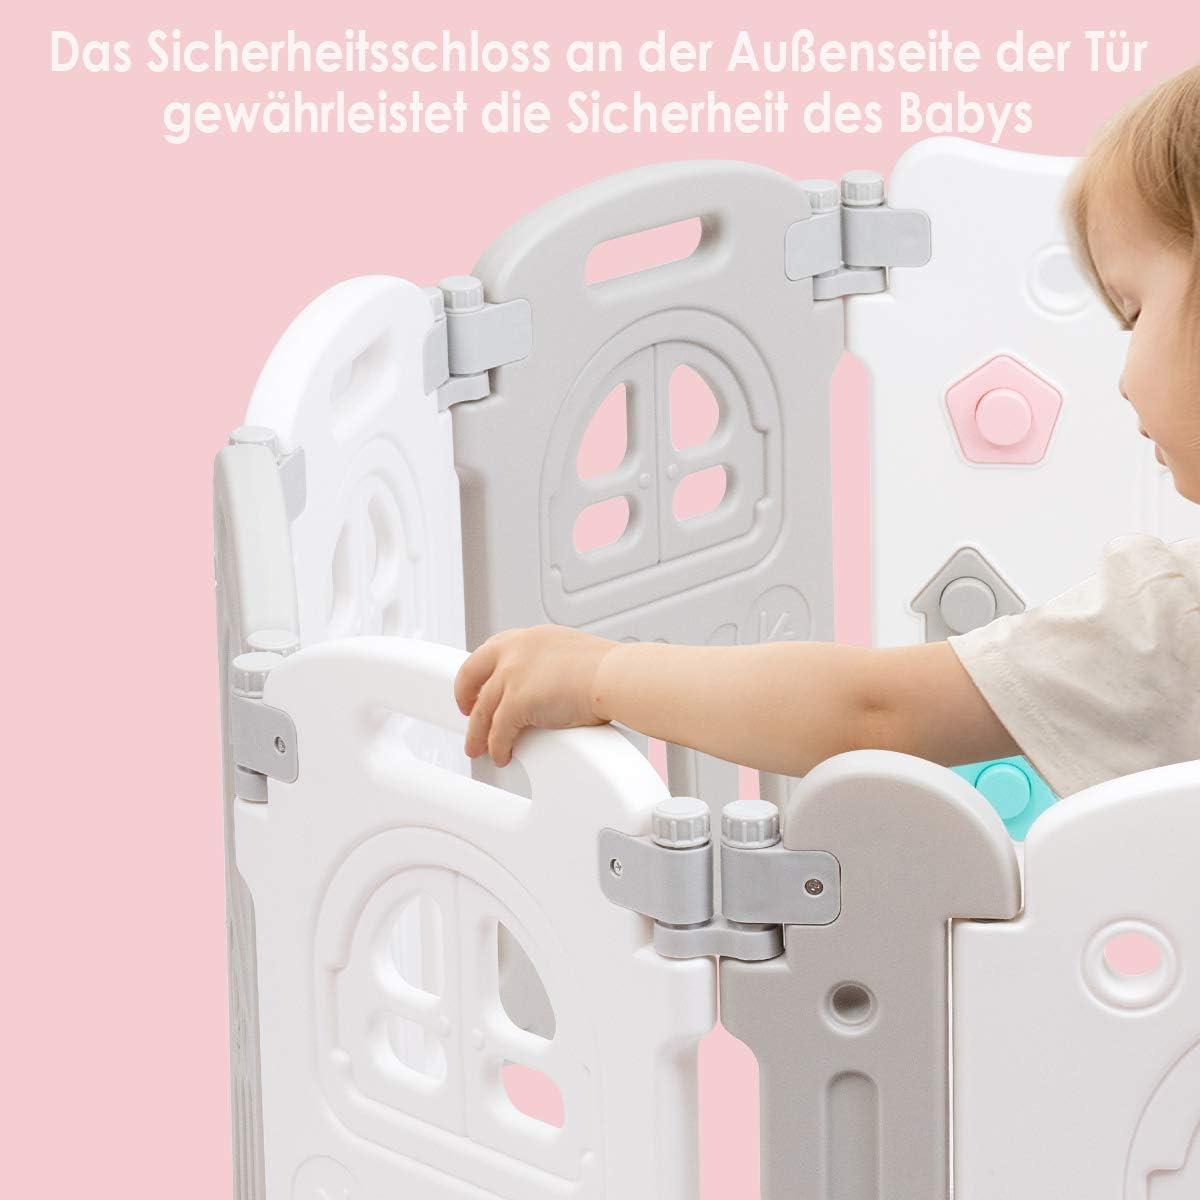 COSTWAY Baby-Laufgitter Laufstall Absperrgitter 10 Panele Babyspielbereich mit Tisch und Bank Faltbares Aktivit/ätszentrum f/ür Babys T/ür mit Sicherheitsschloss